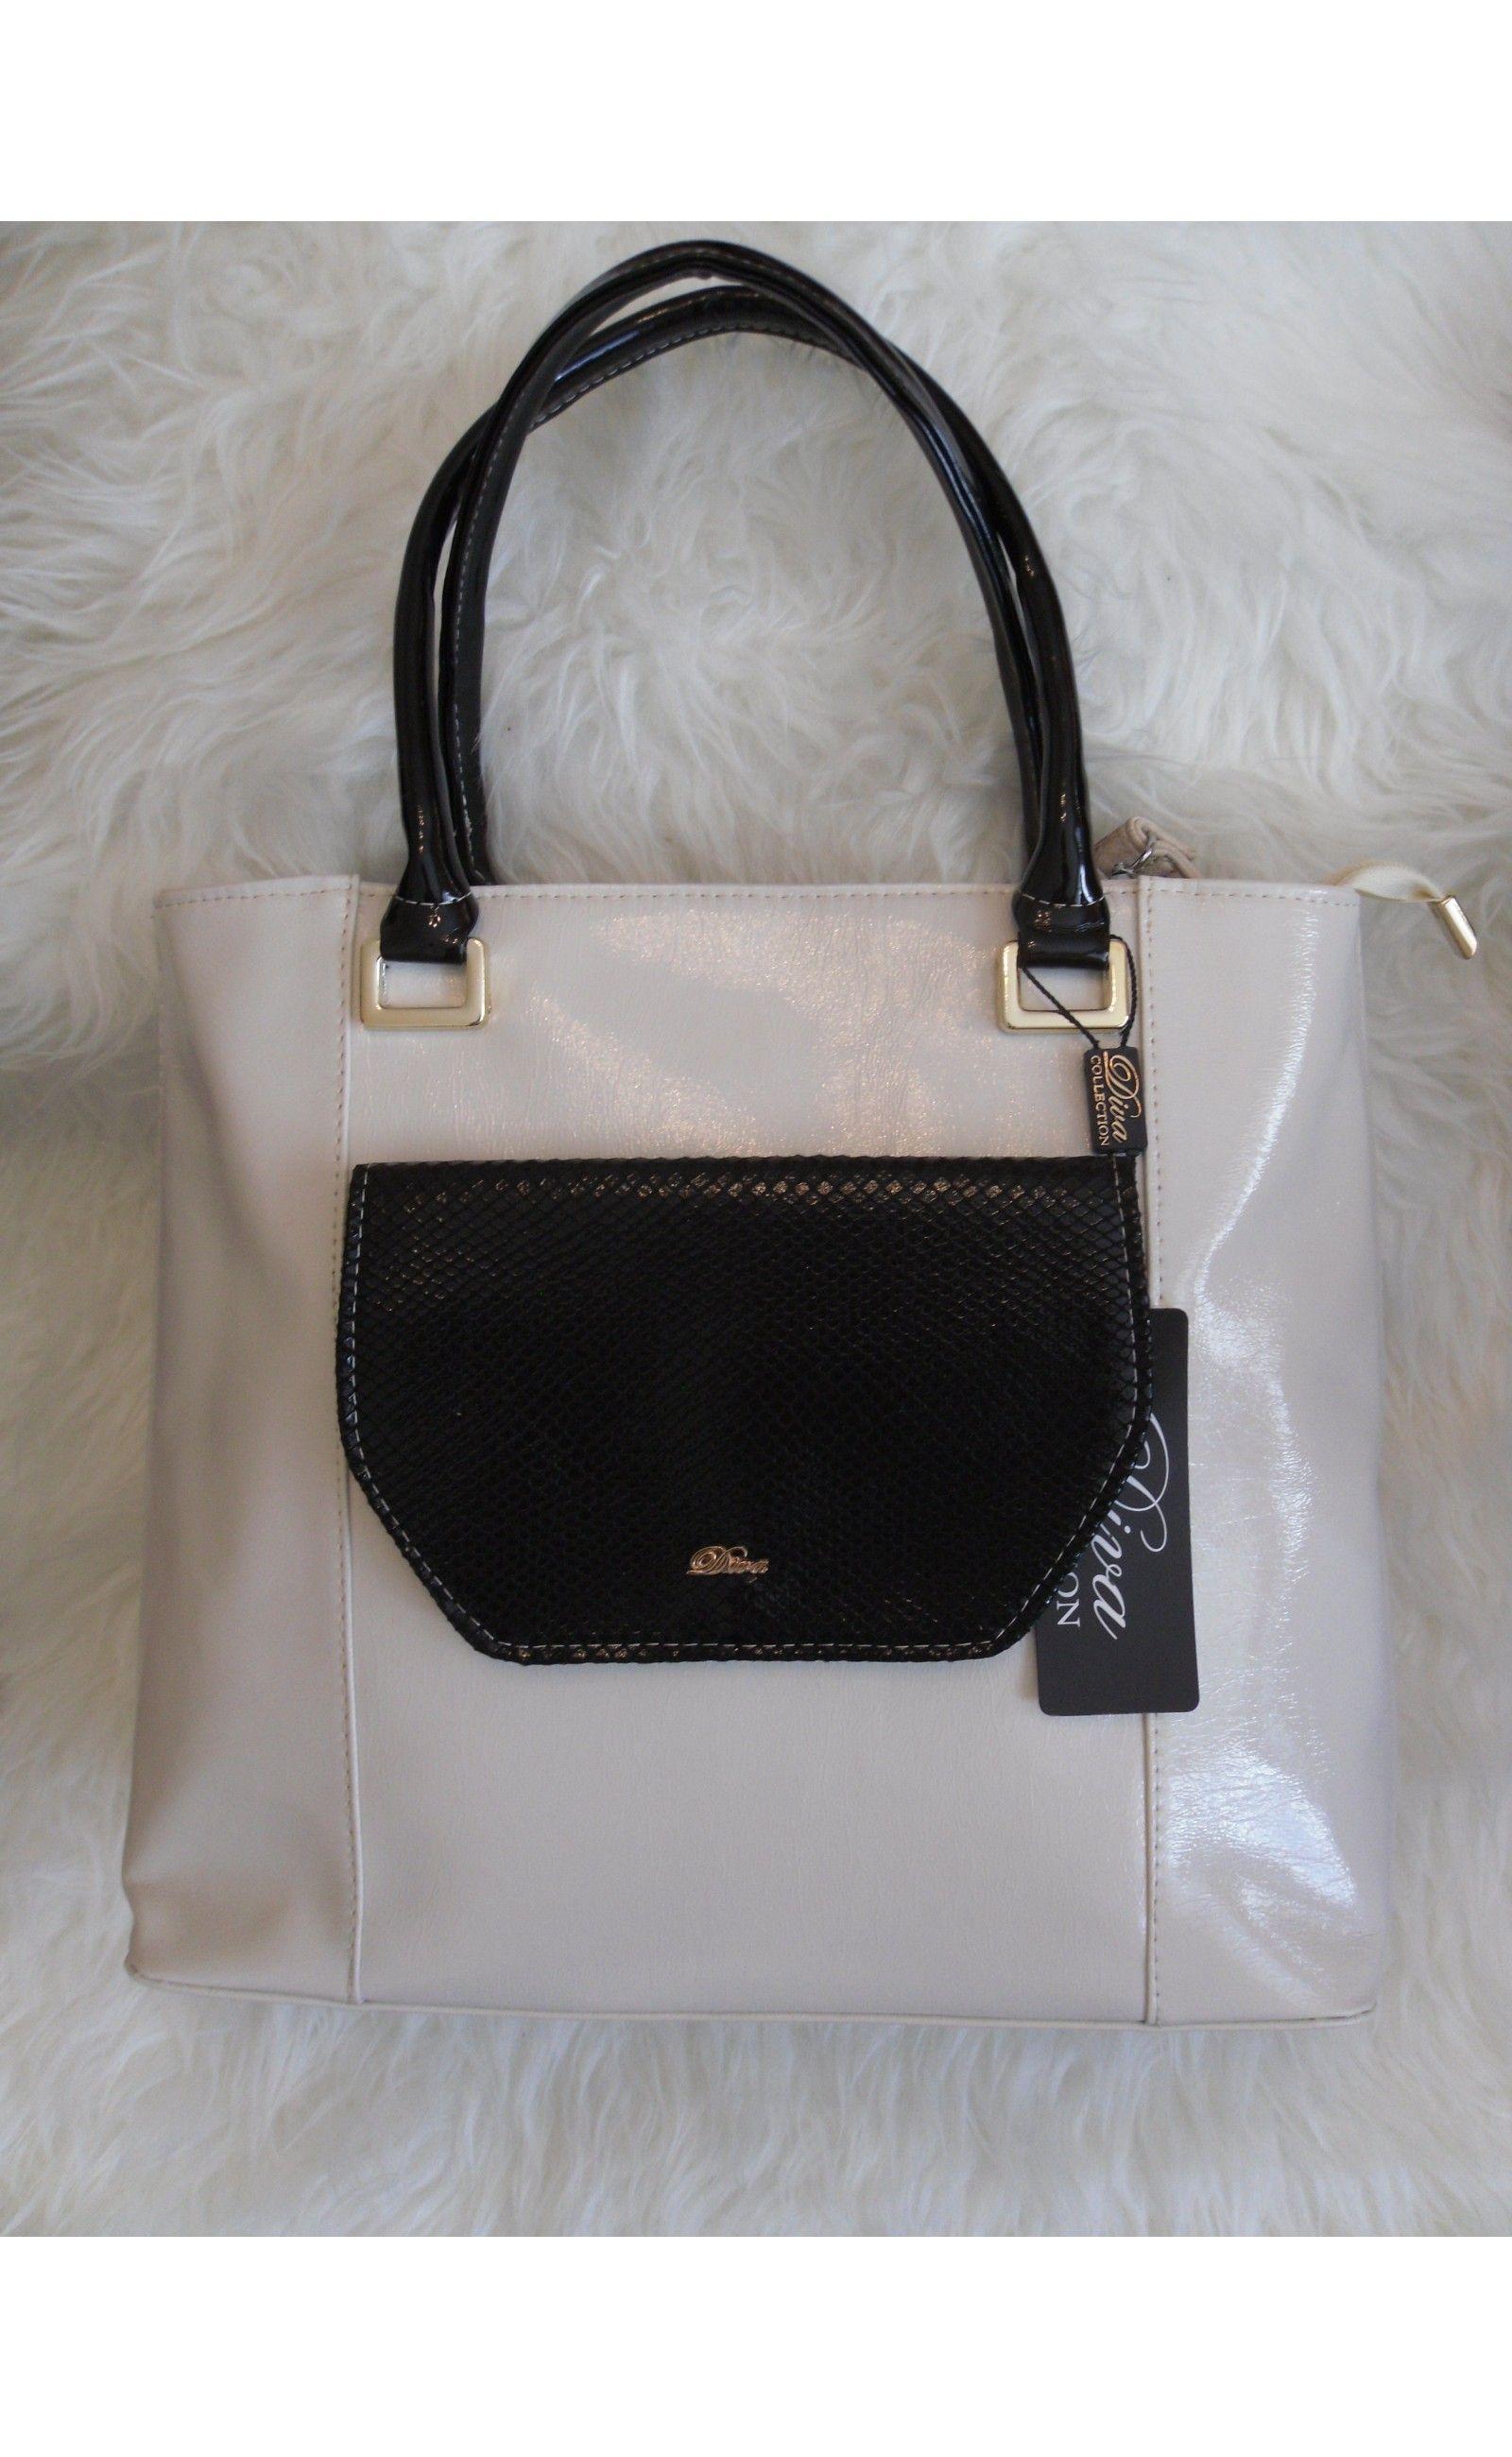 2870e28543e9 Vajszínű táska fekete betéttel, válltáska, kézitáska, nyári táska - Táskák  - Női Ruha Webáruház, Alkalmi ruha webshop tunika, Felső